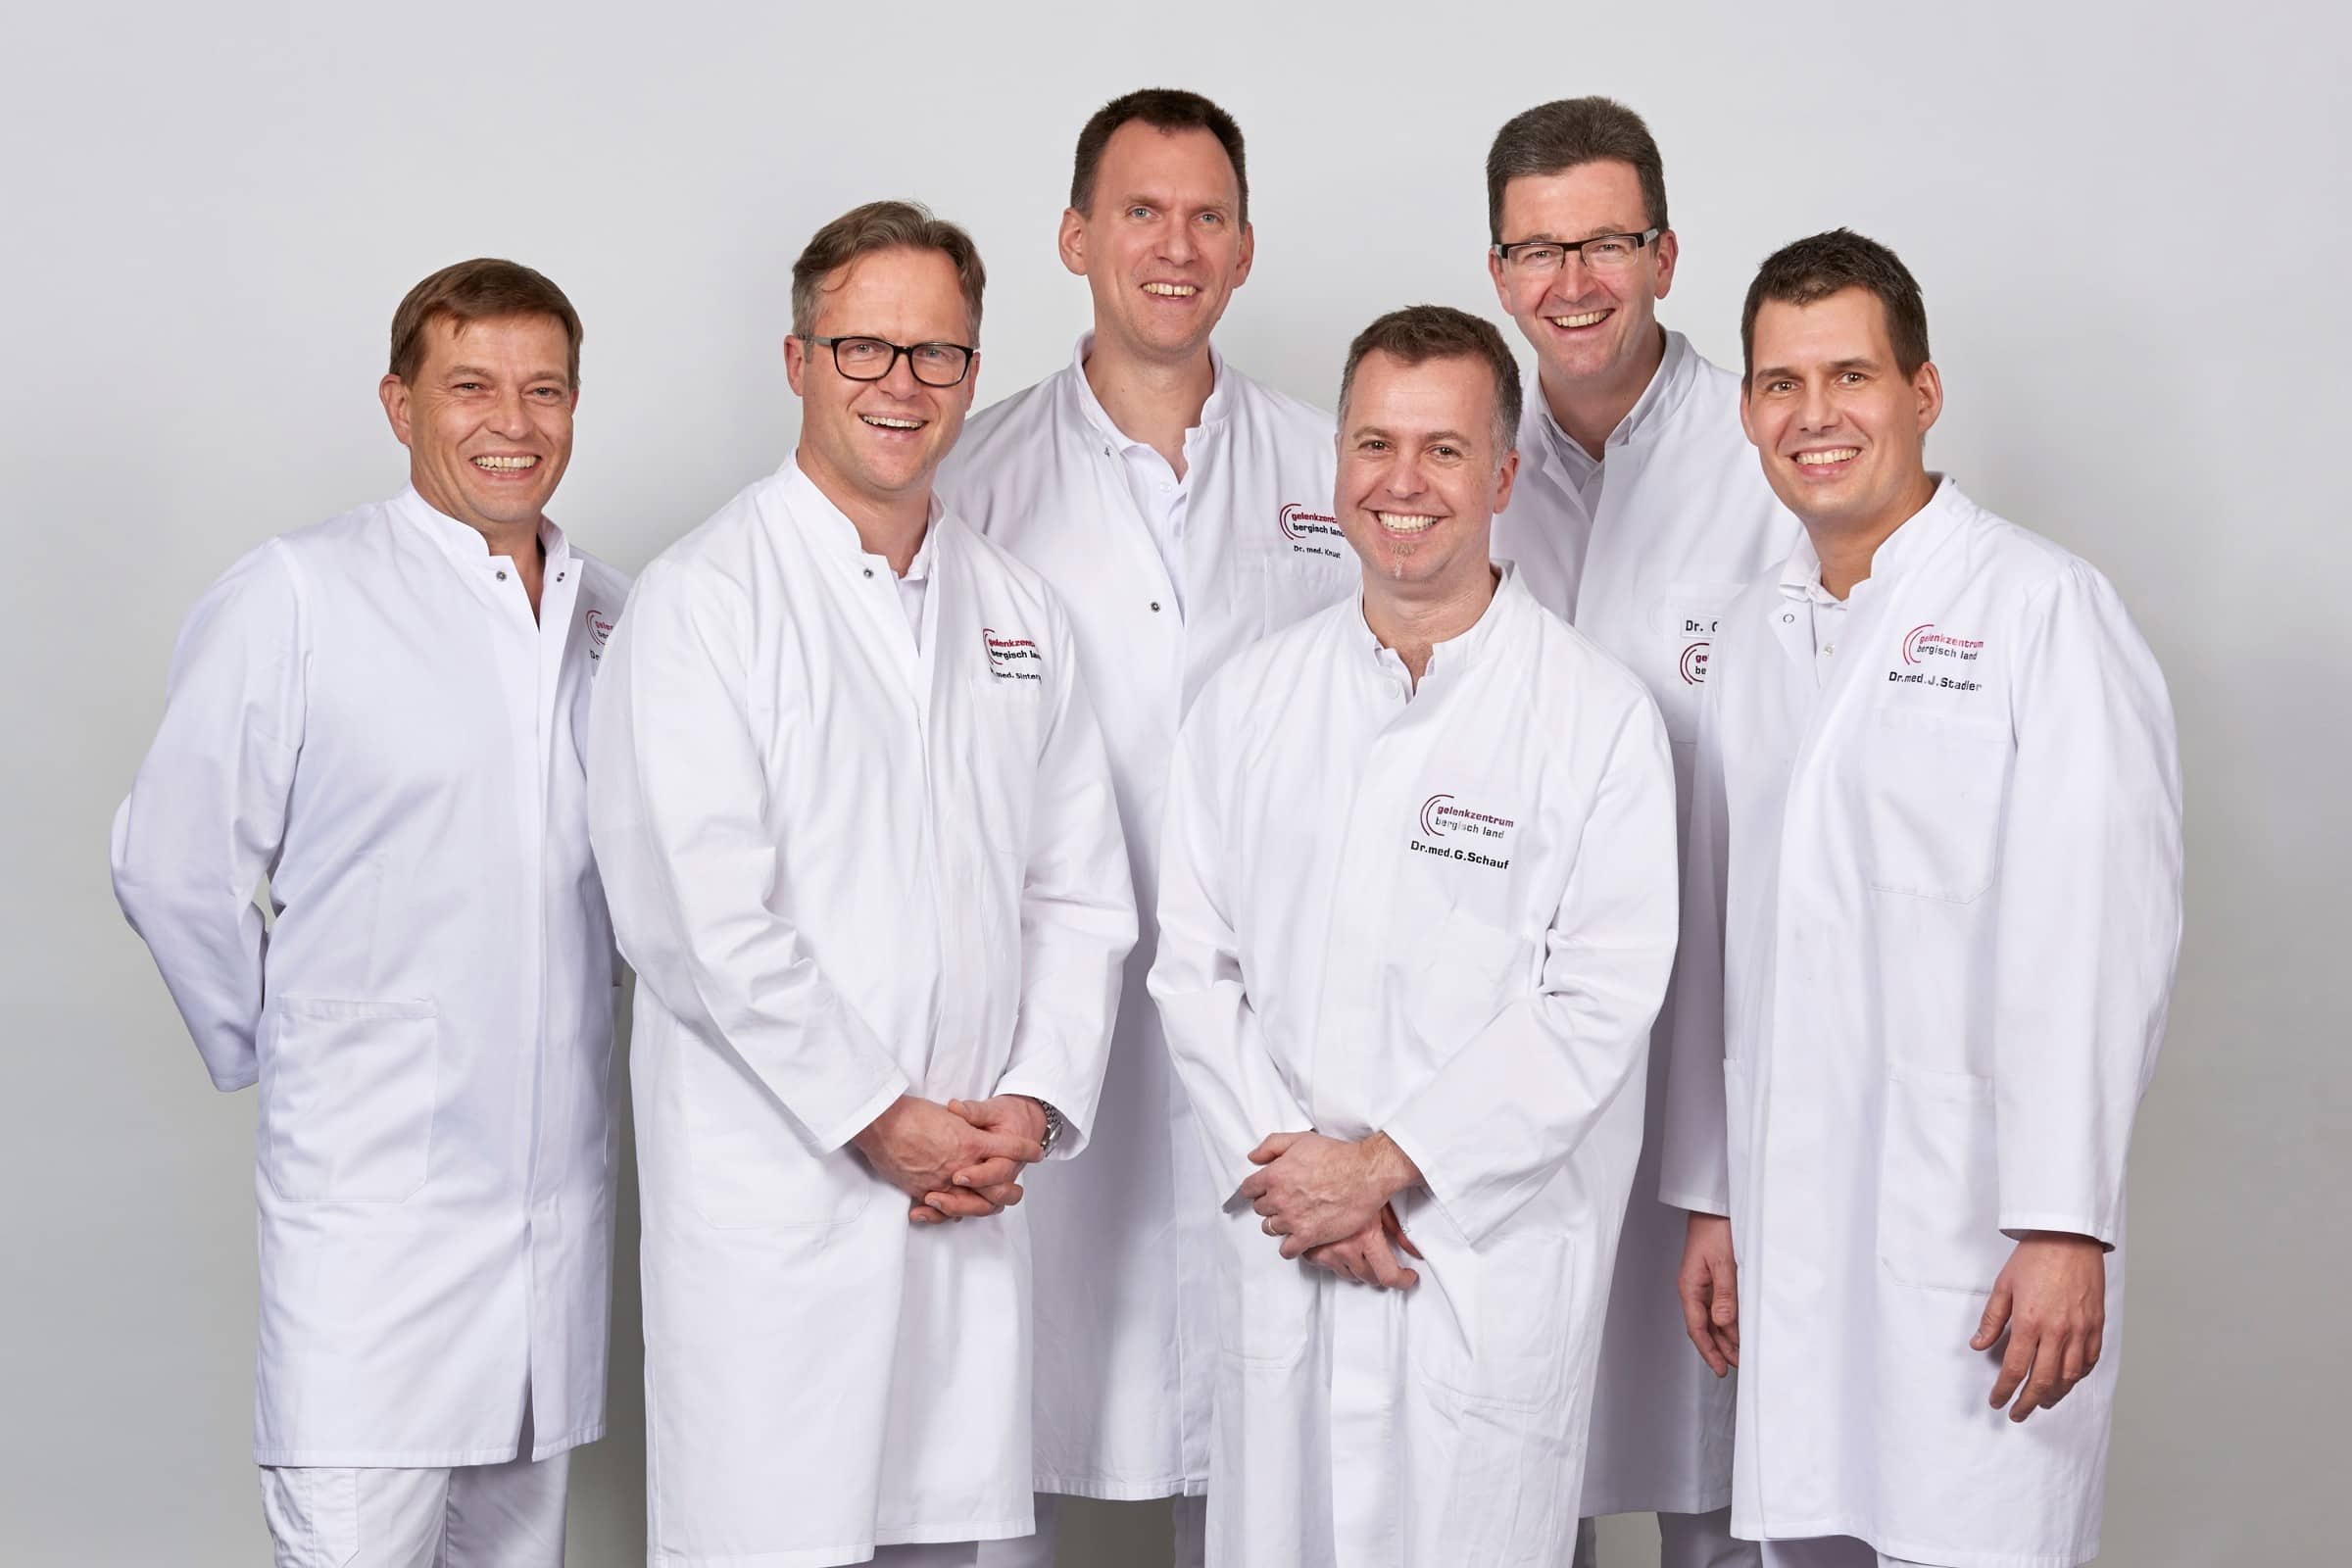 Das Ärzteteam des EndoProthetikZentrum der Maximalversorgung (EPZmax)